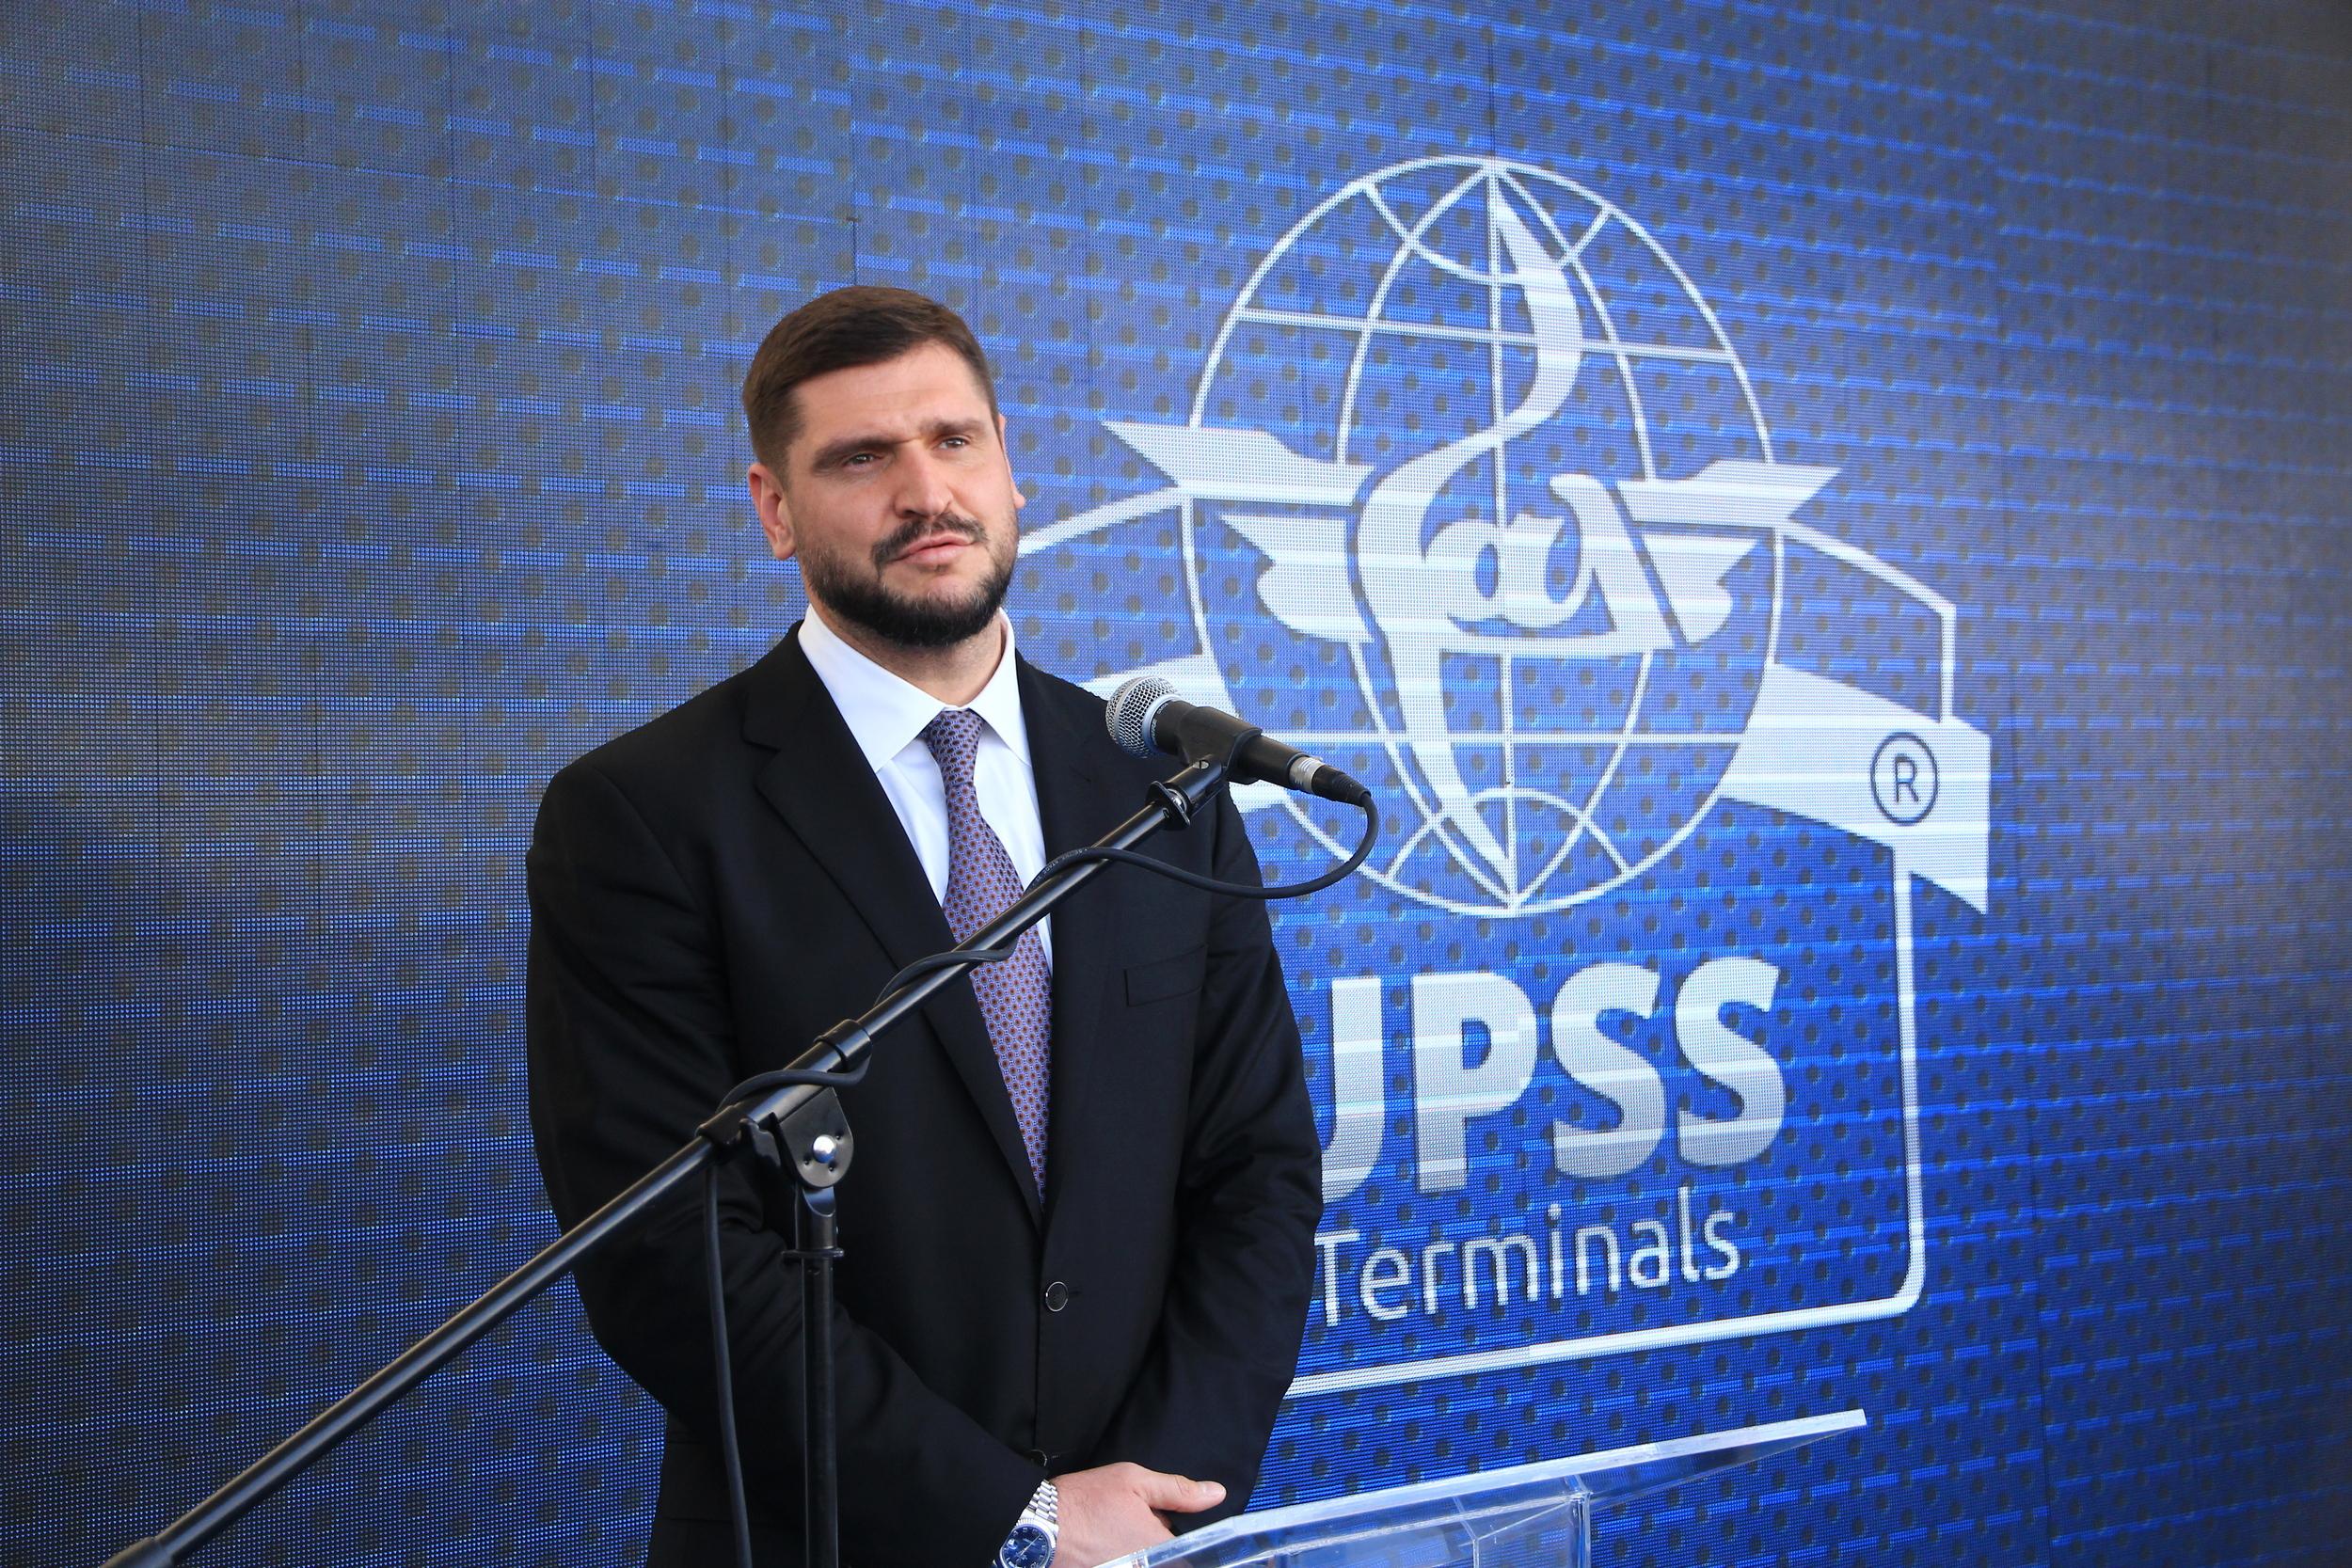 Представитель компании UPSS на официальном выступлении открытия в Николаеве